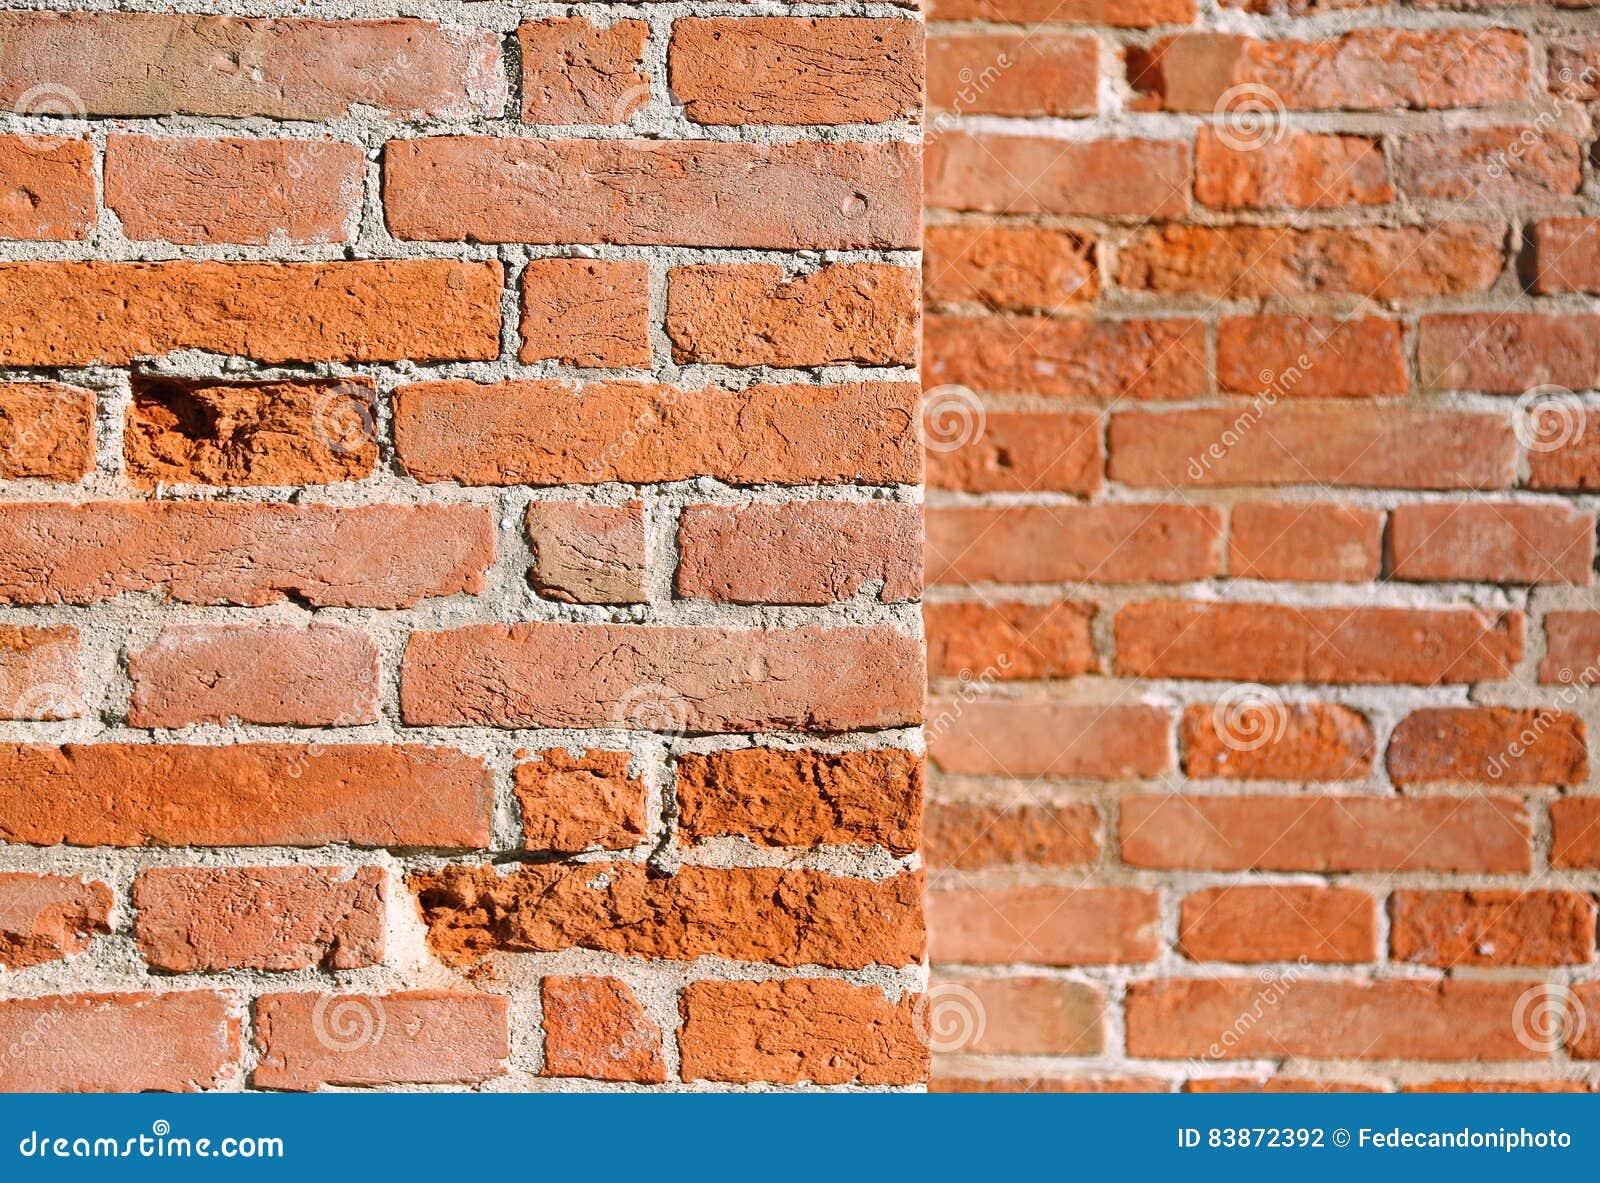 Hintergrund Der Wand Des Roten Backsteins Mit Mörser Des Alten Italienischen Pala Stockfoto ...